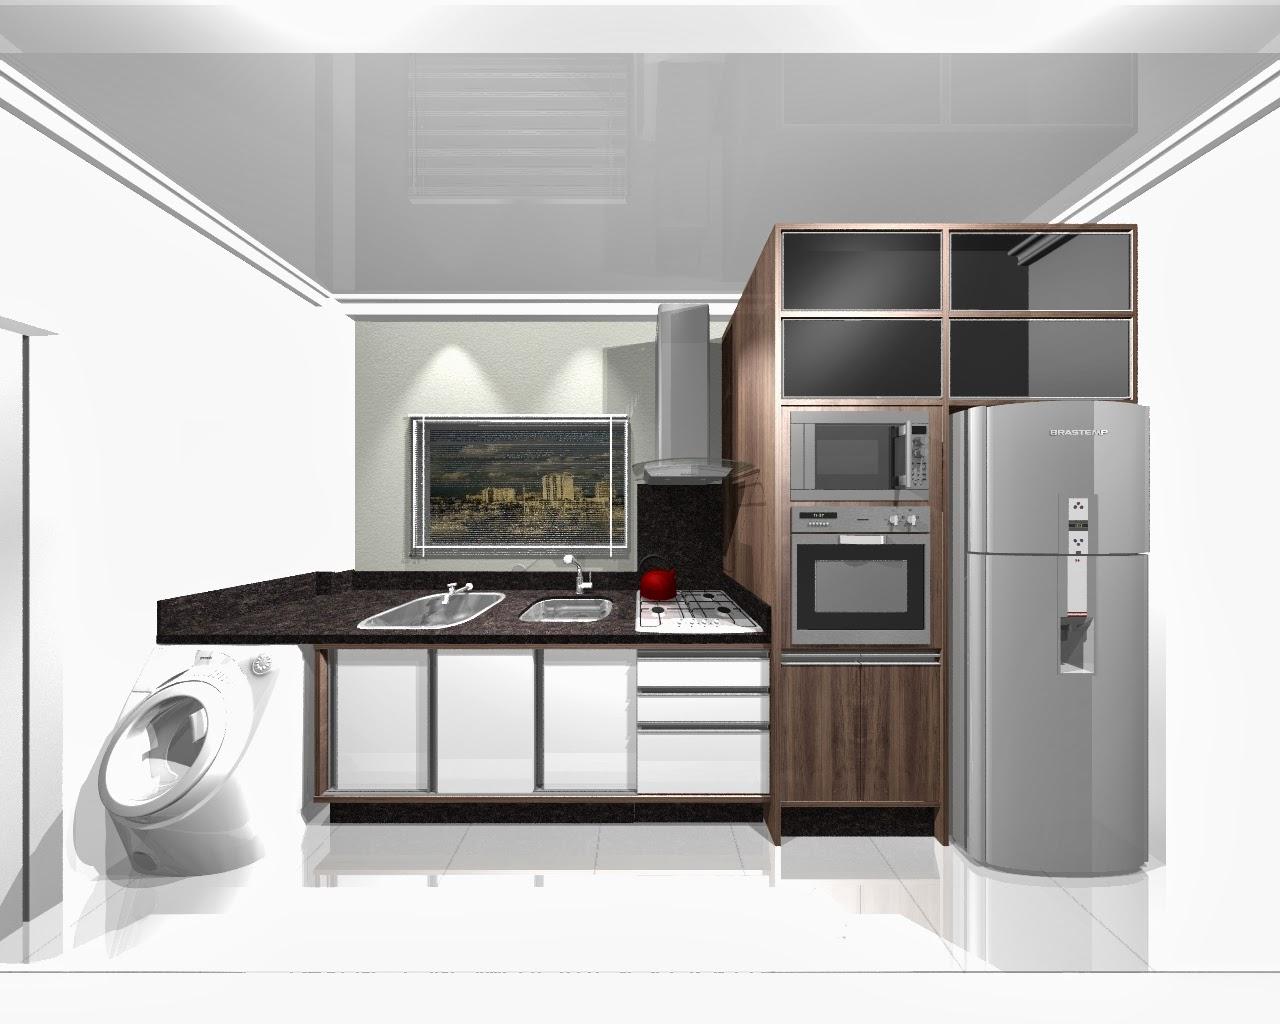 #5F4B3F projeto cozinha.jpg 1280x1024 px Projeto De Cozinha Com Sala Pequena #2847 imagens